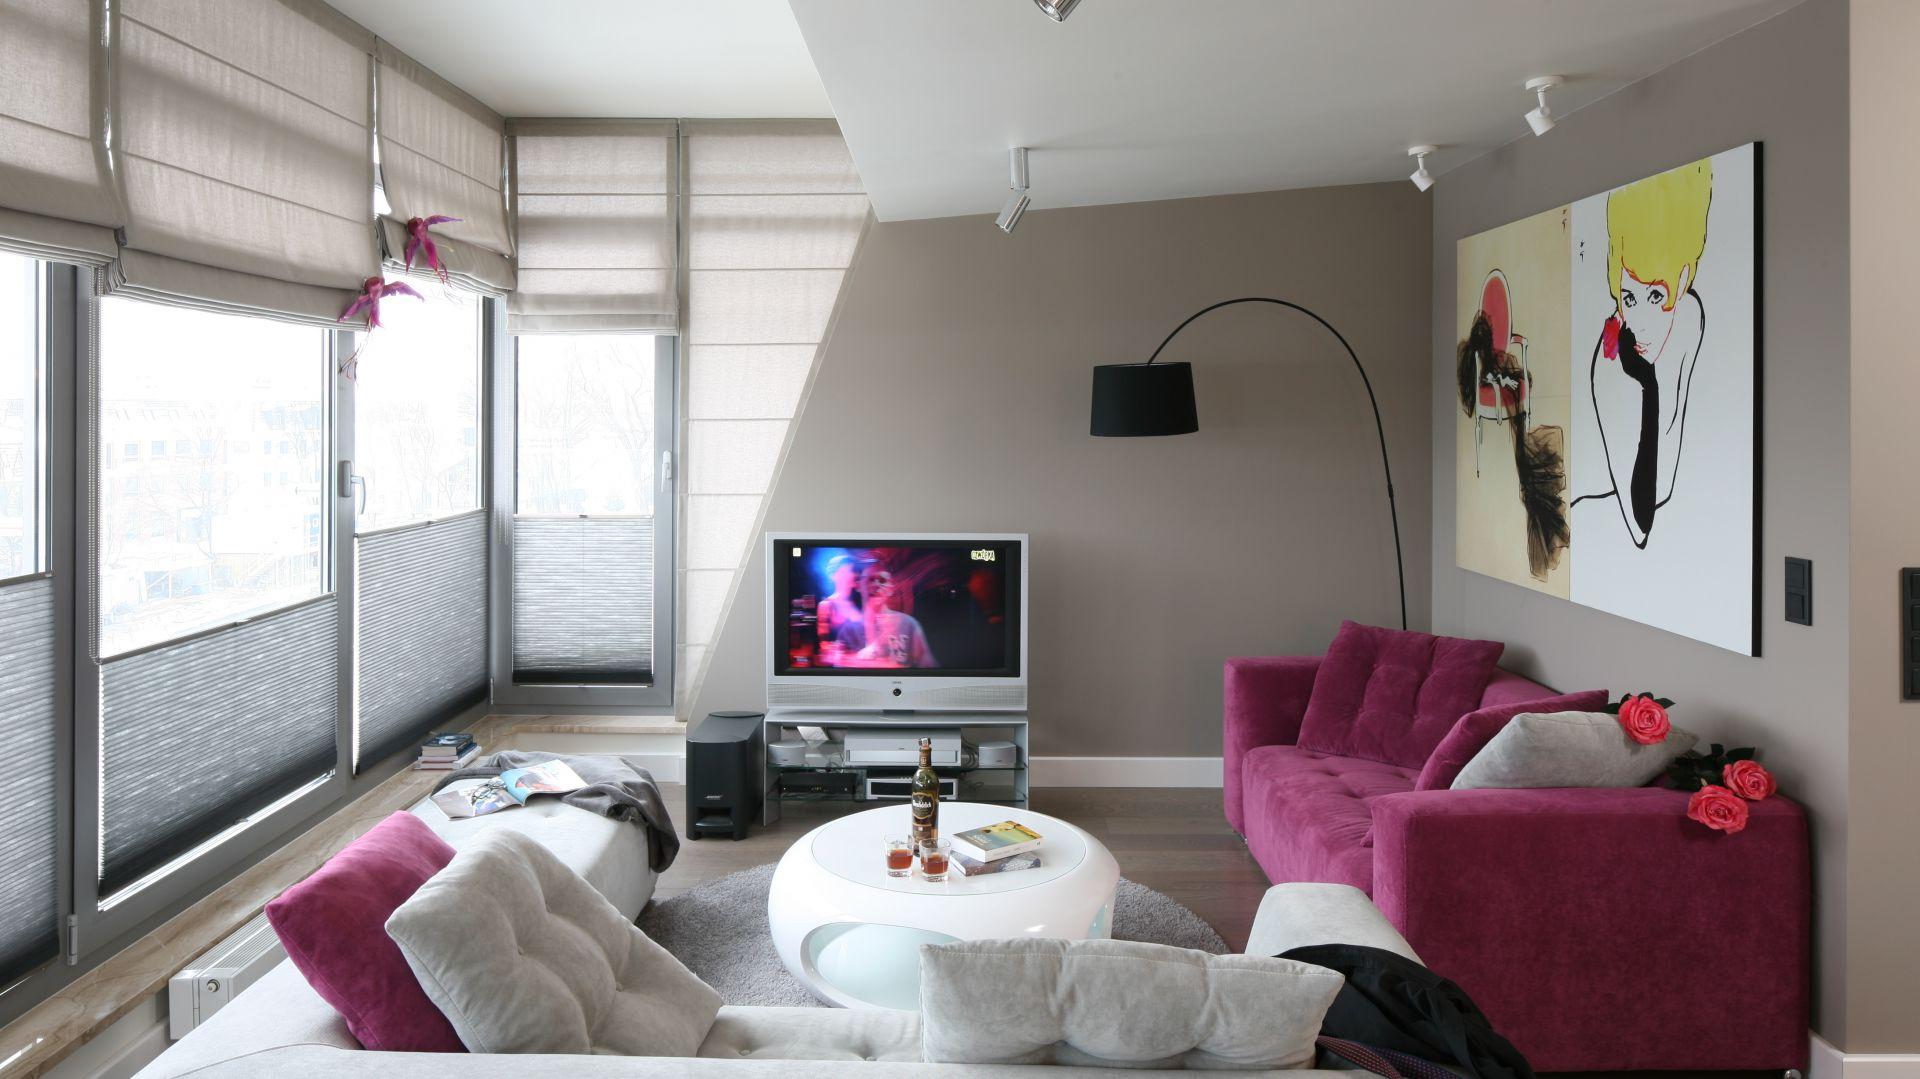 Aranżację pokoju dziennego podporządkowano funkcji wypoczynkowej. Stąd ustawiono tuż aż dwie kanapy, na których siedząc można oglądać nie tylko telewizor, ale i nadmorskie krajobrazy. Projekt: Małgorzata Borzyszkowska. Fot. Bartosz Jarosz.